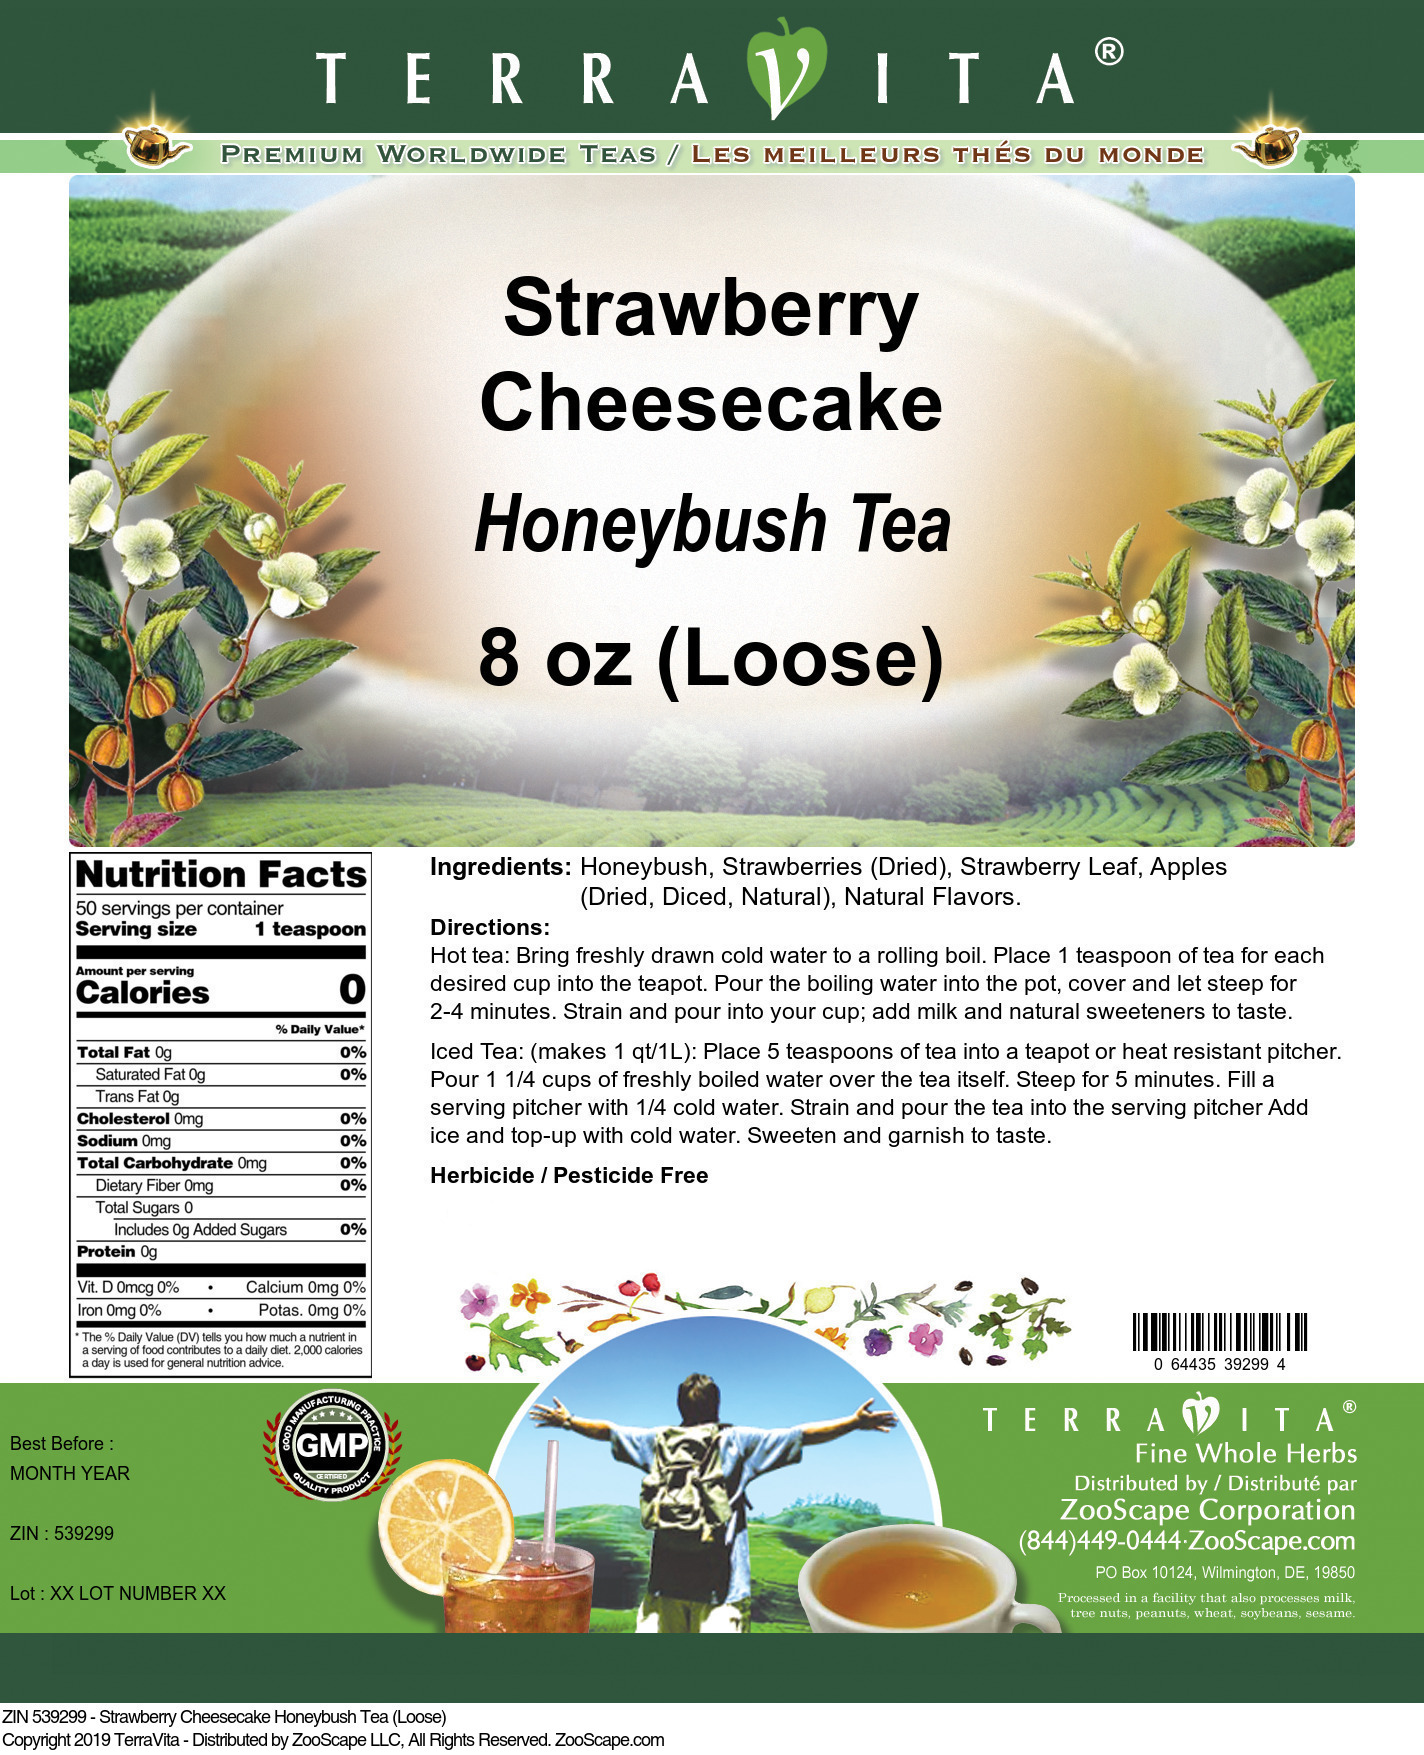 Strawberry Cheesecake Honeybush Tea